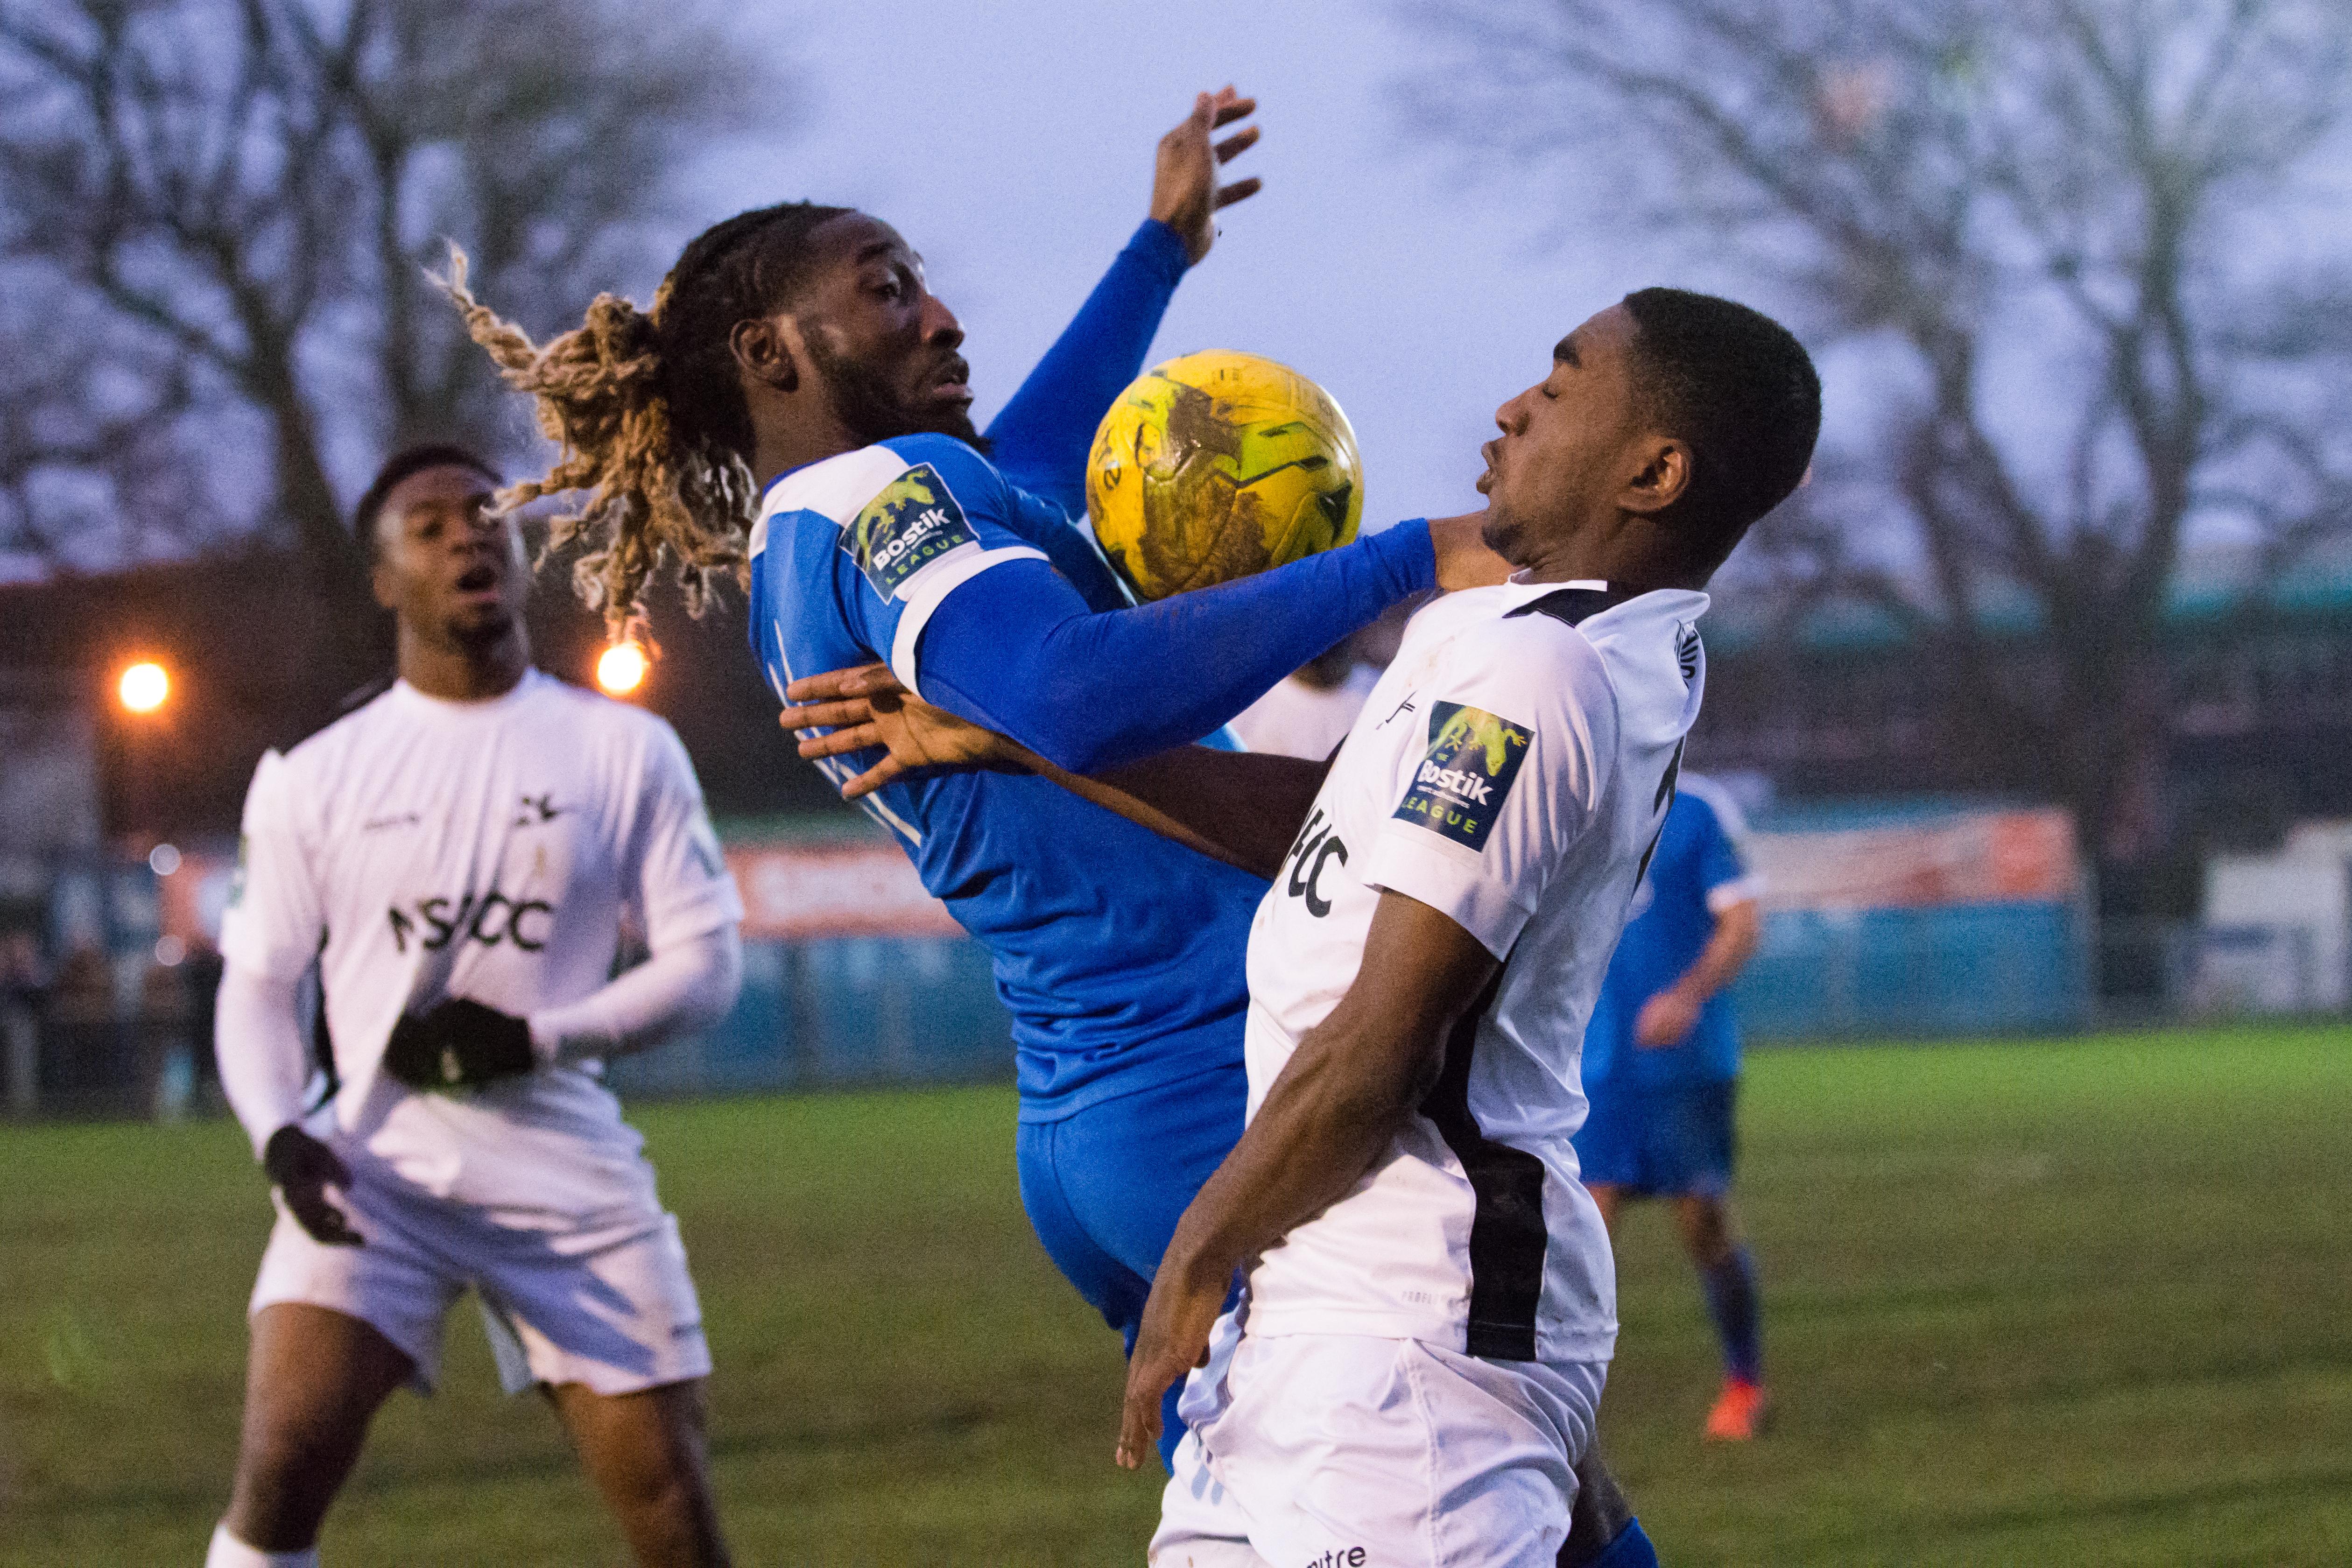 Shoreham FC vs Carshalton Ath 23.12.17 98